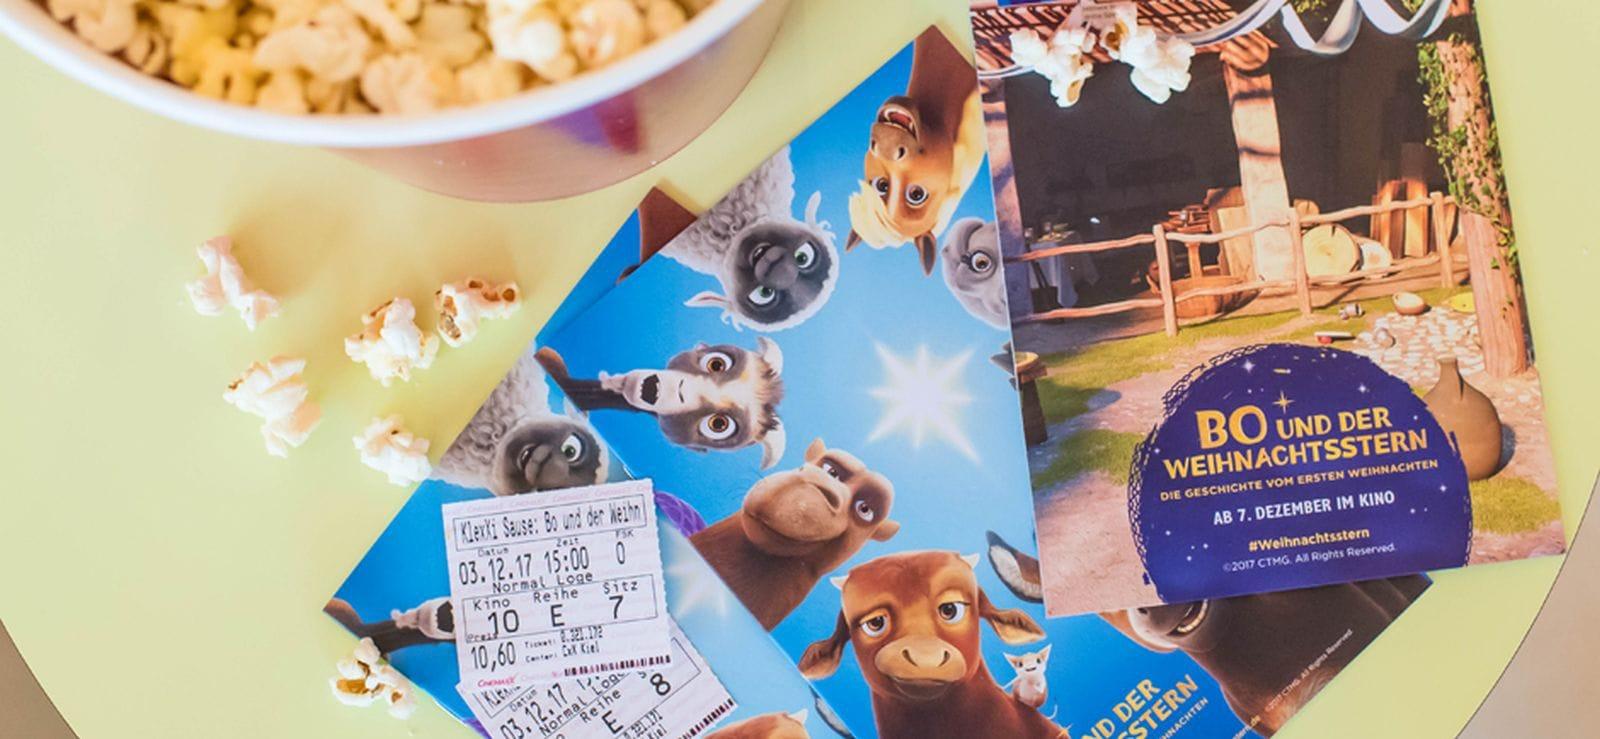 Filmtipp Bo und der Weihnachtsstern